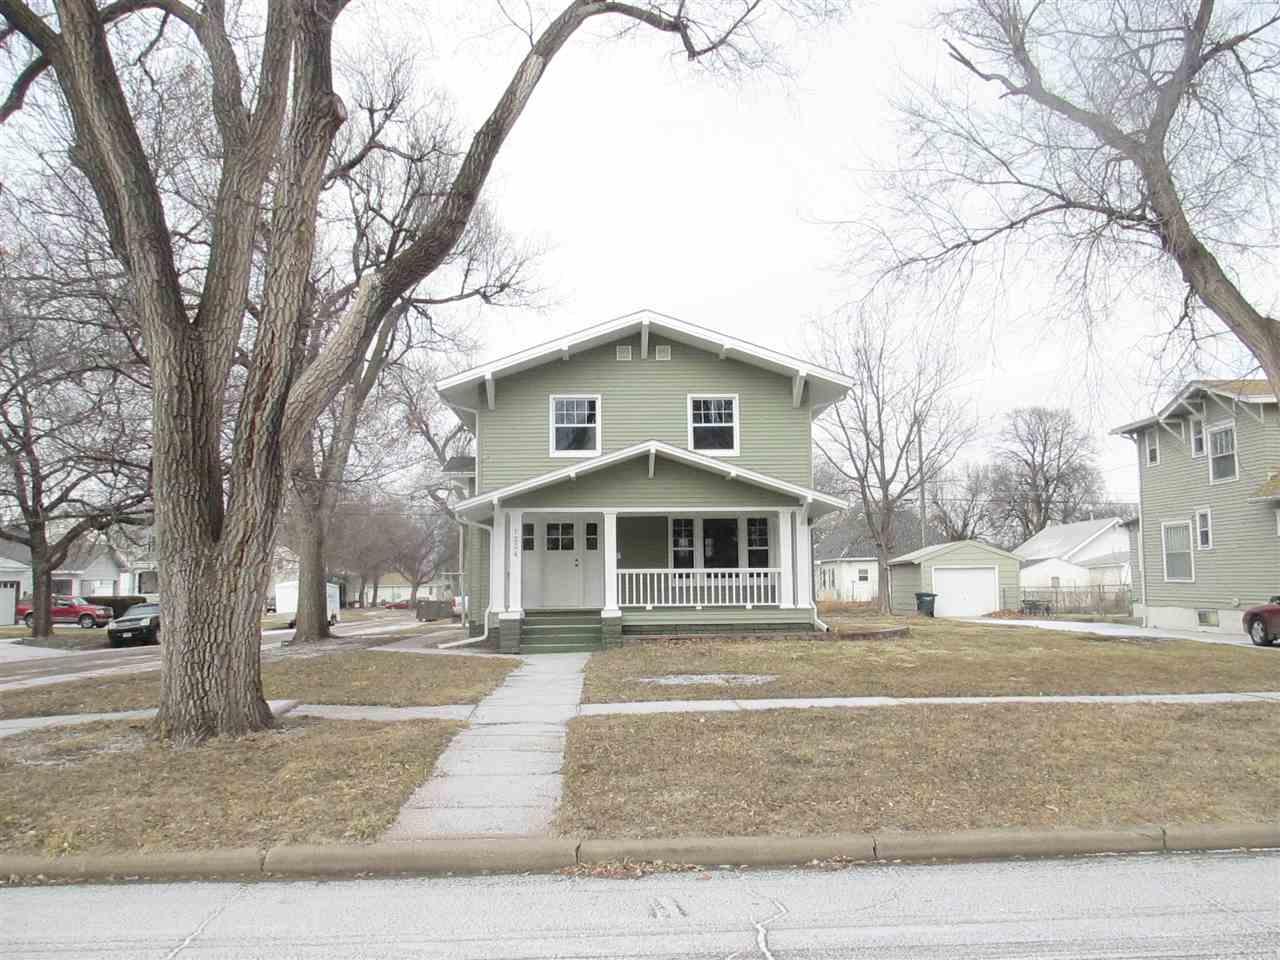 1334 4th St, Hastings, Nebraska